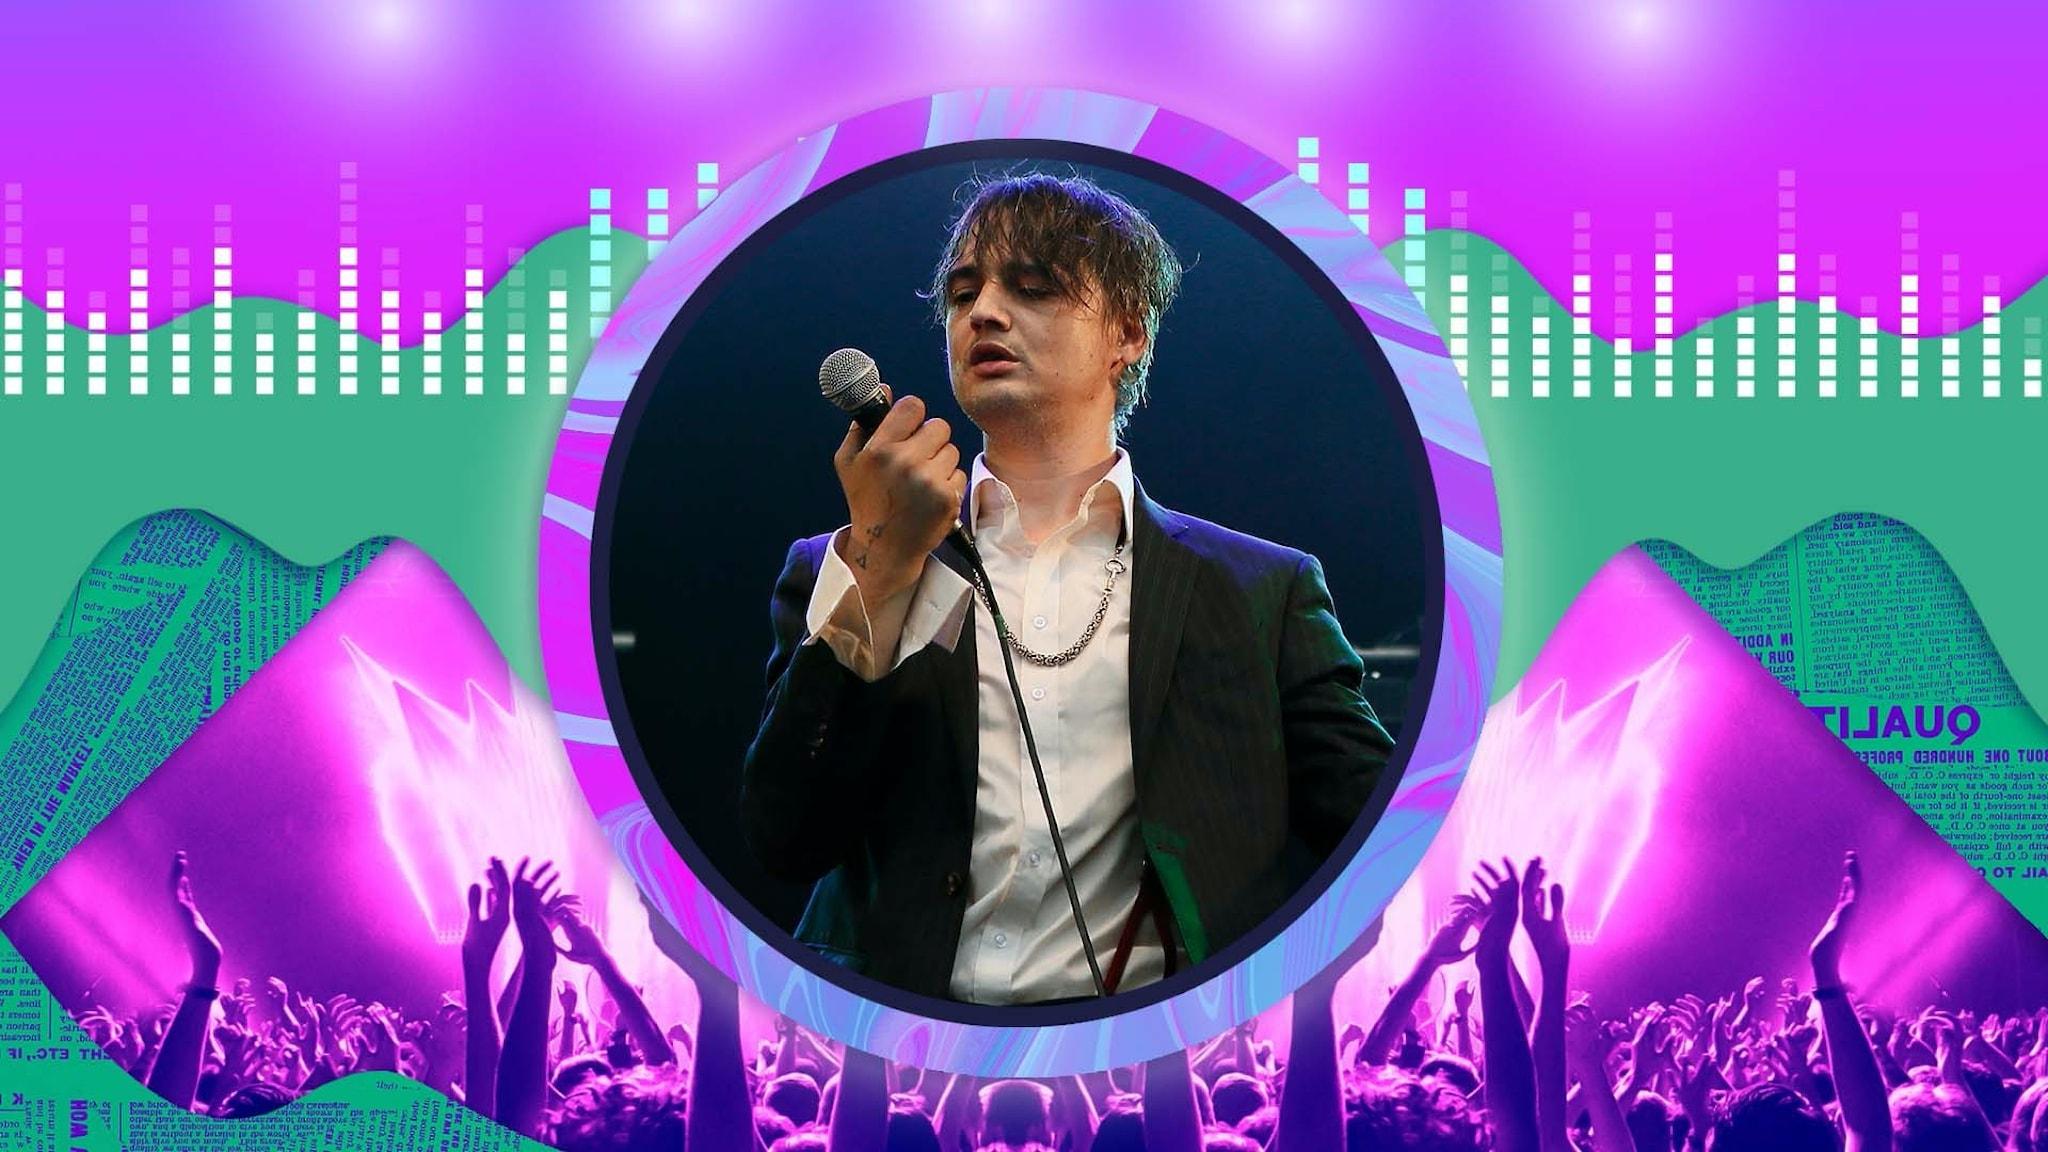 P3 Musikdokumentär om Pete Doherty - poeten, missbruket och The Libertines